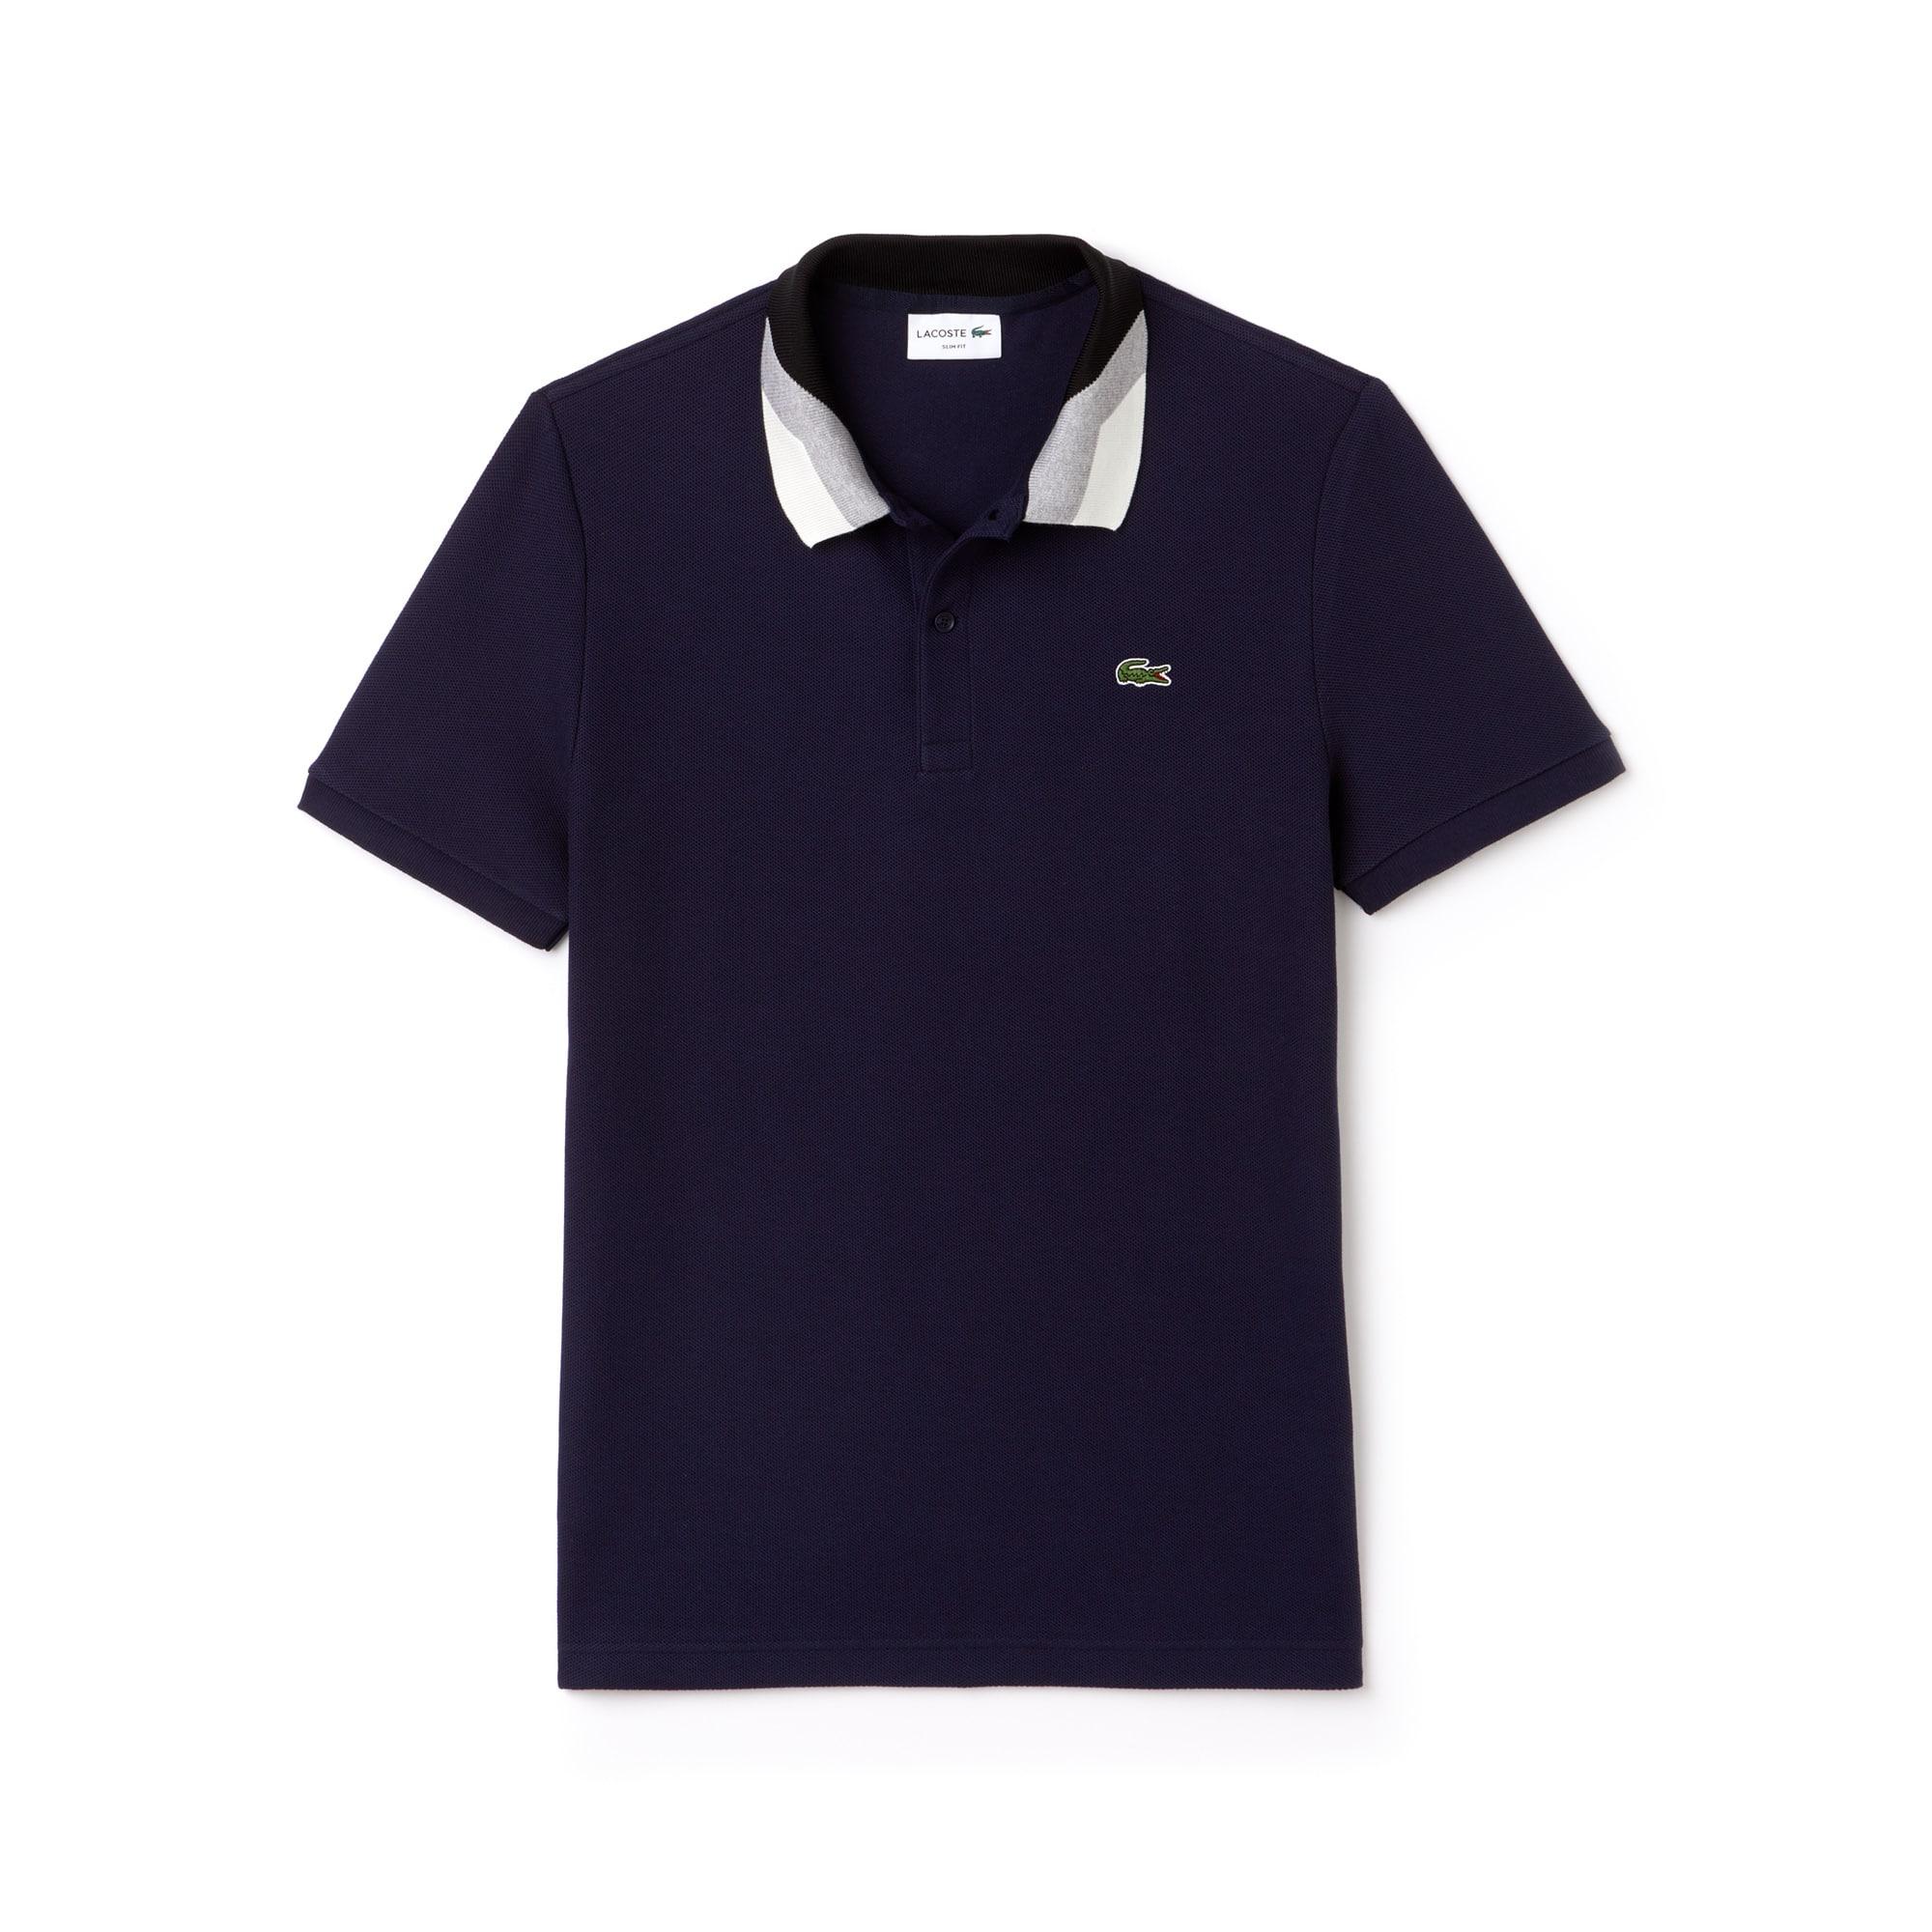 قميص بولو Lacoste ذو قصَّة ضيقة مُقلمة من نسيج محاك بأسلوب نوب بيكيه وبألوان متباينة للرجال